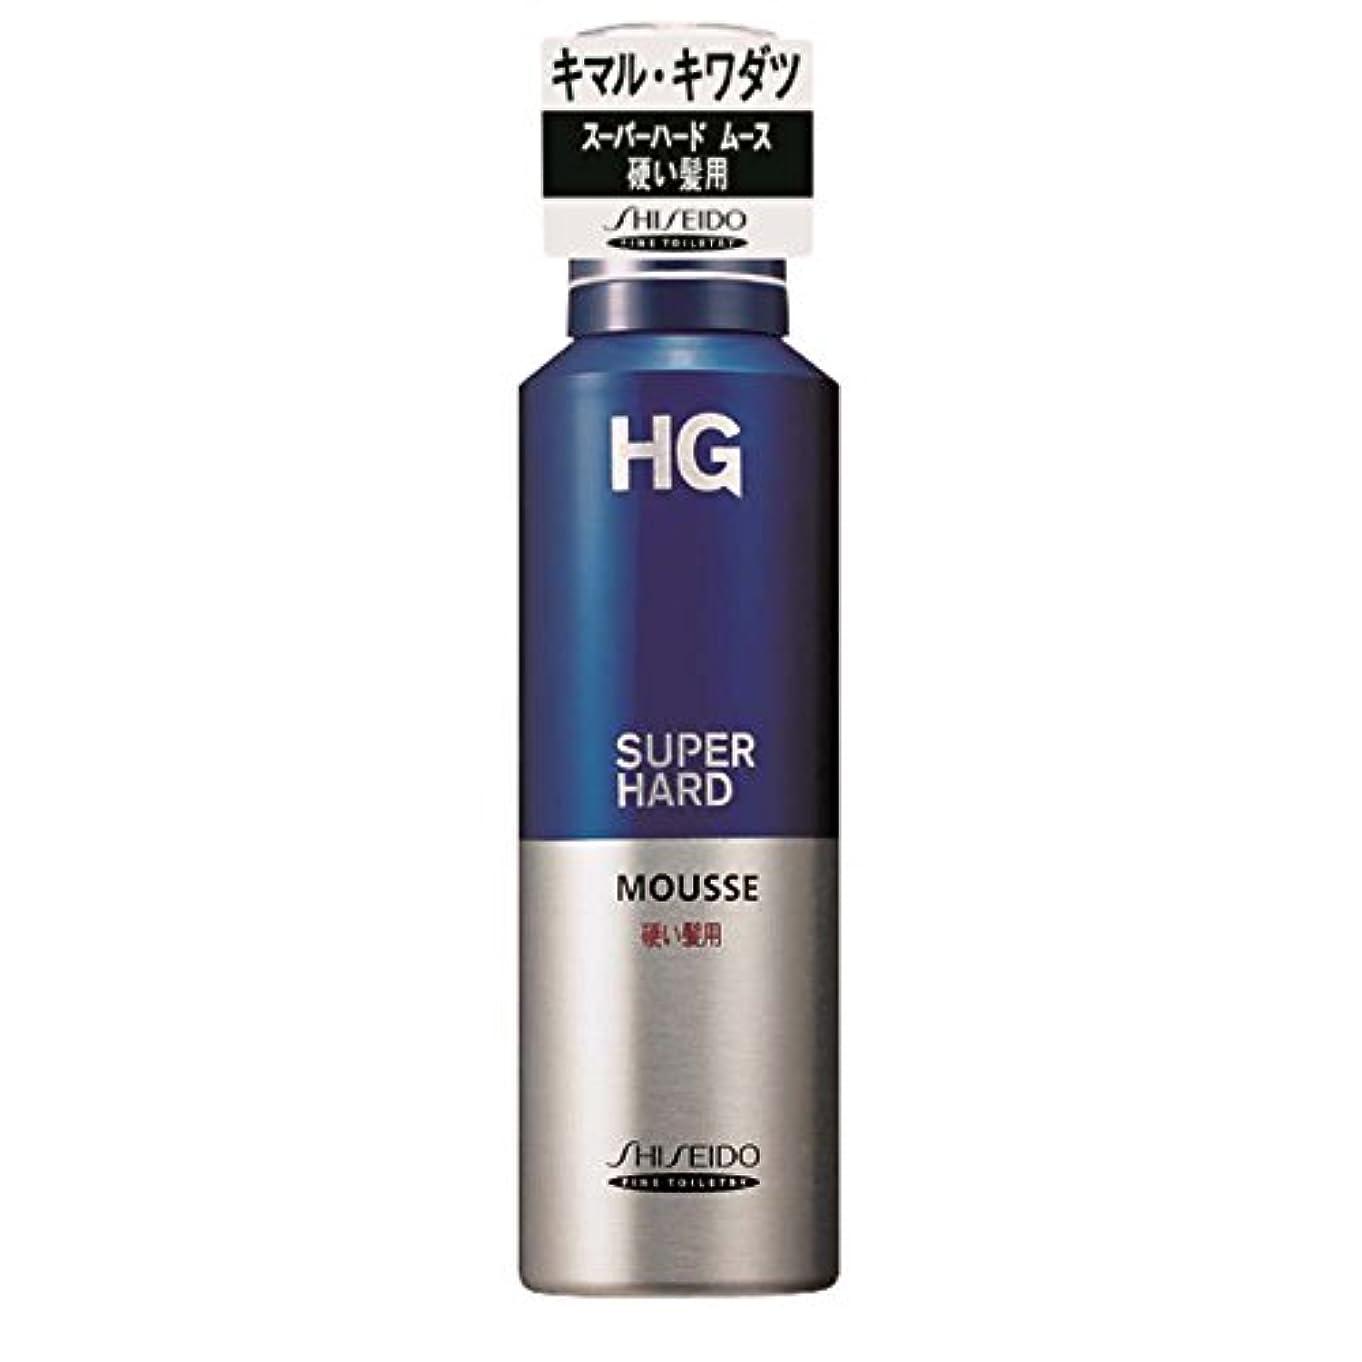 計算可能潤滑するスタジオHG スーパーハード ムース 硬い髪用 180g